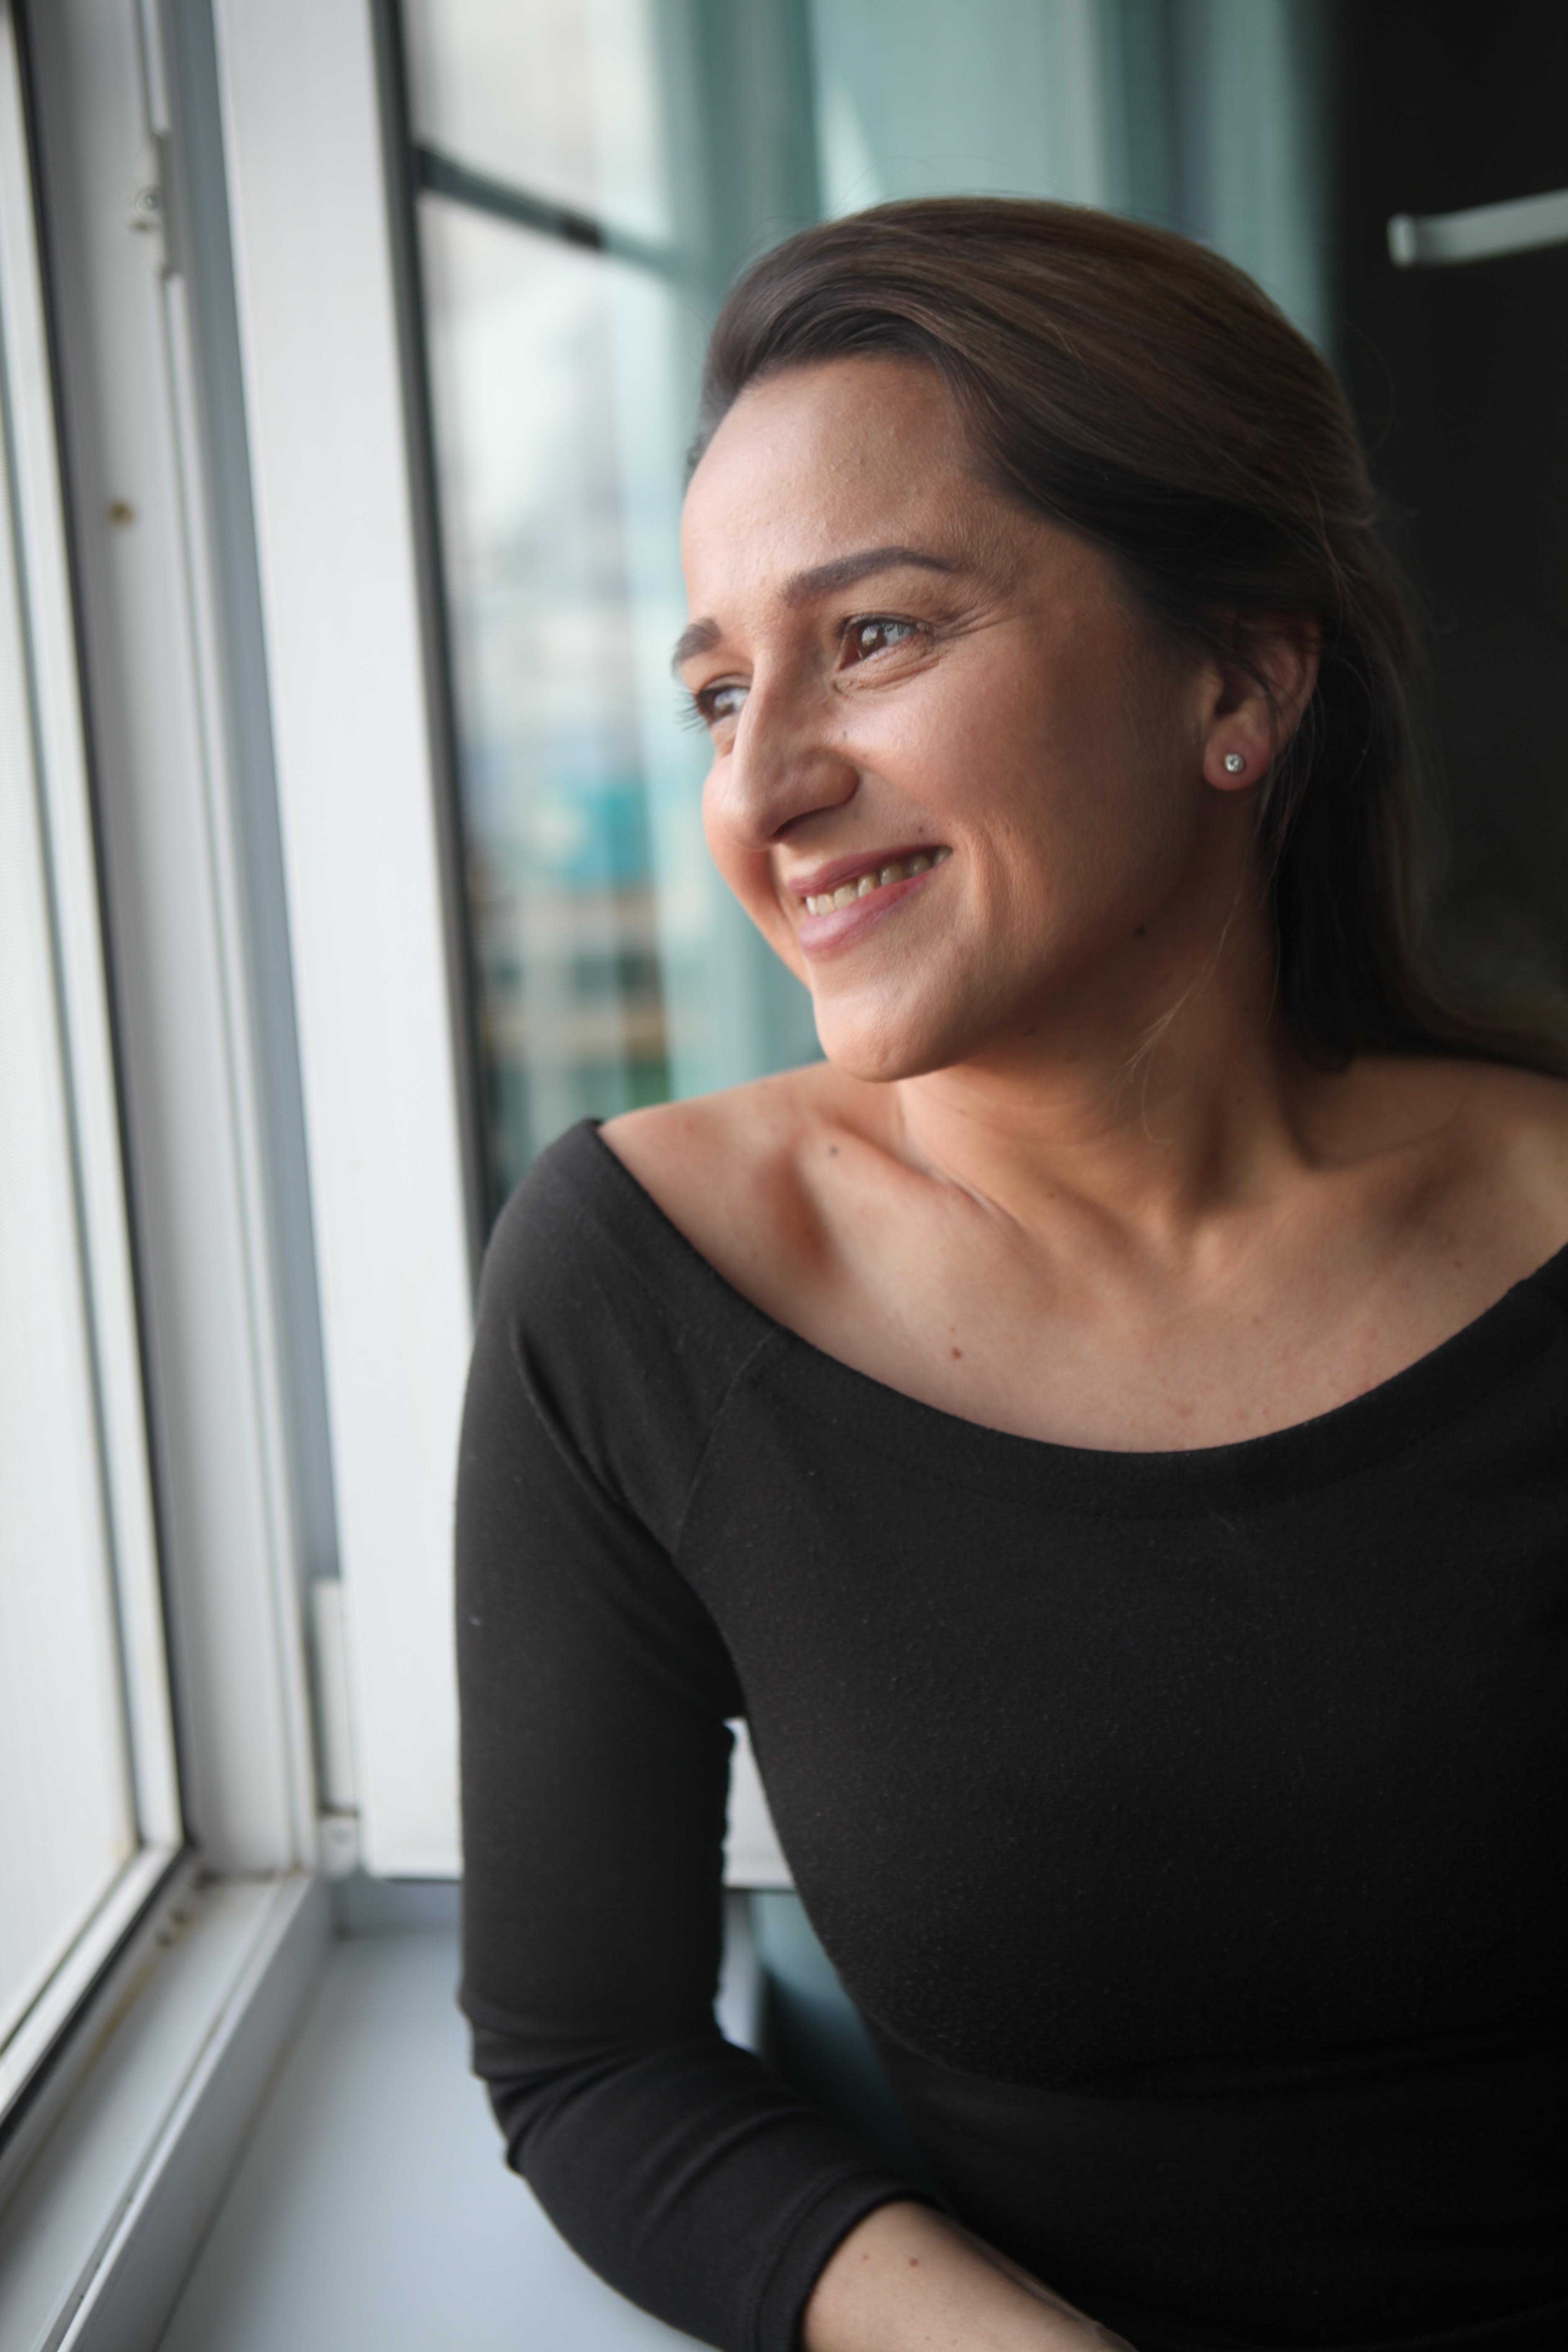 Камшалова Наталья Александровна